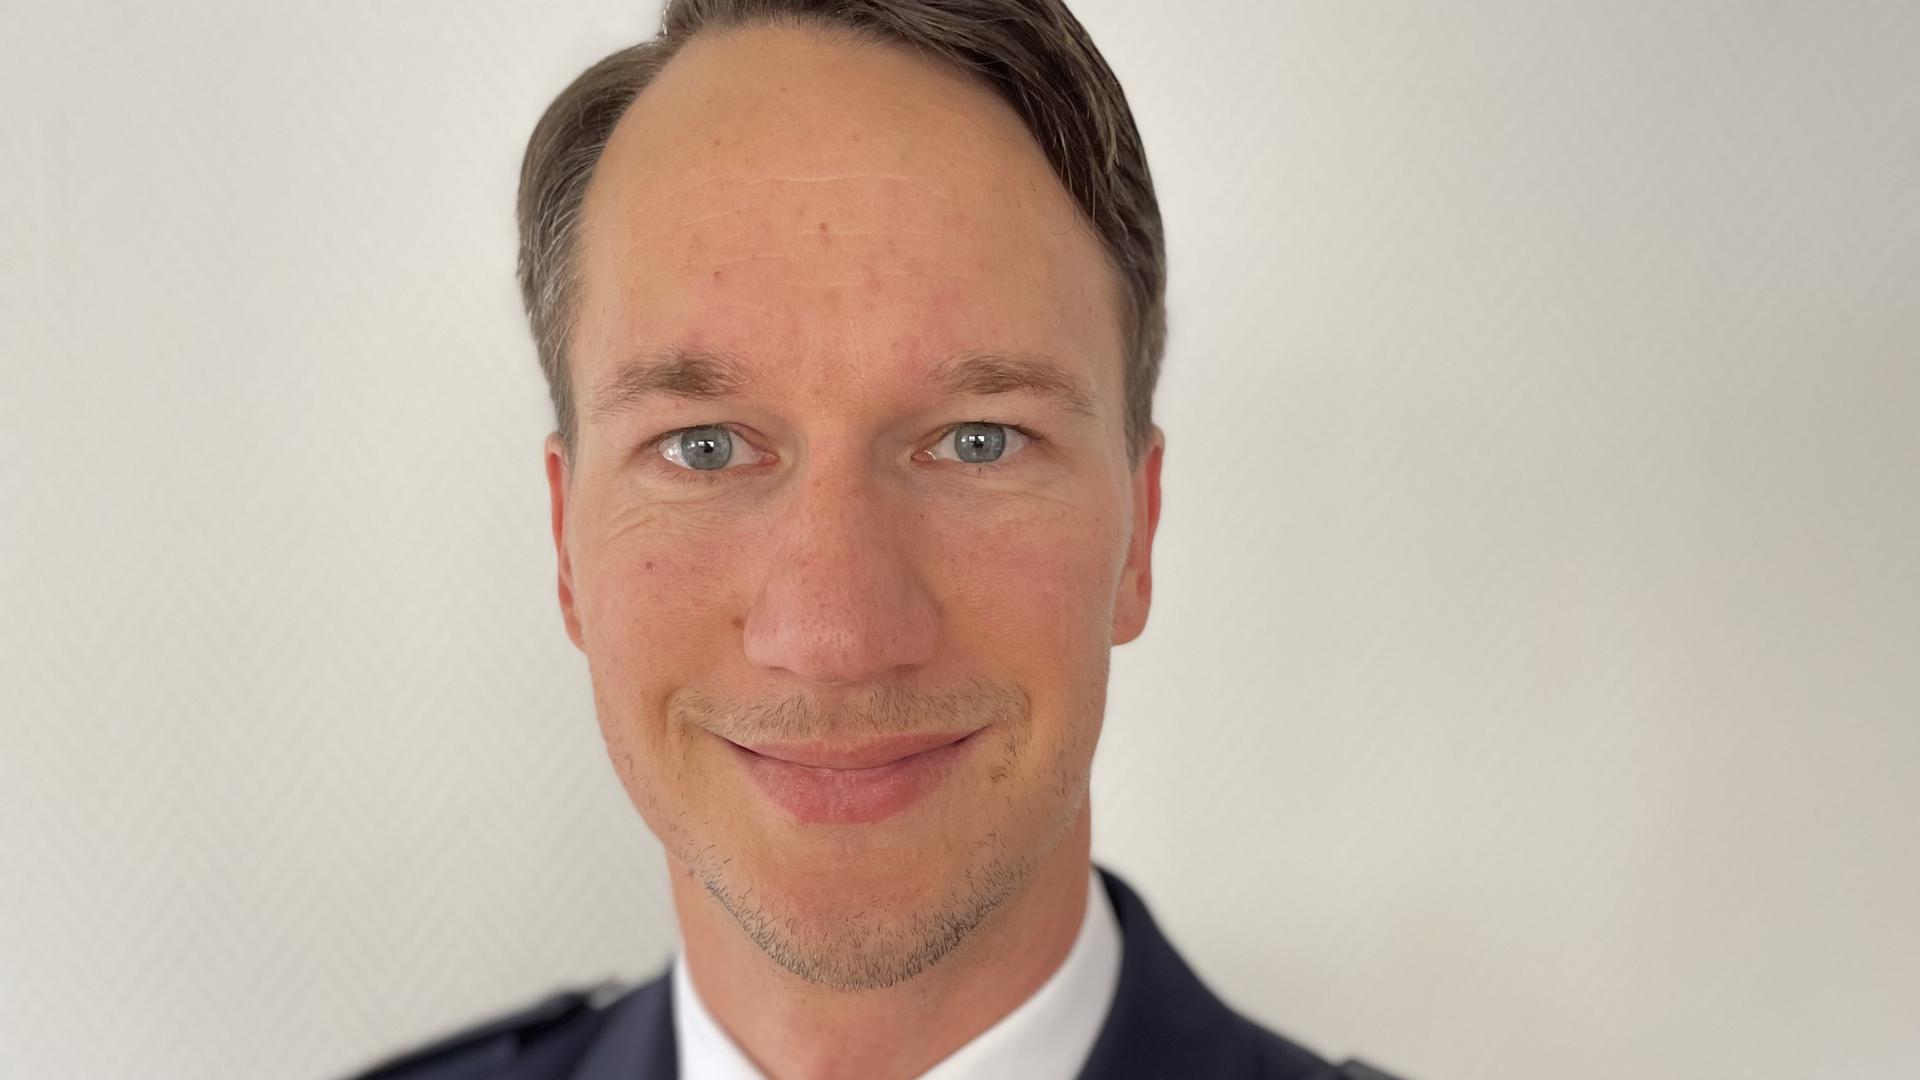 Neuer Revierleiter: Nach dem Masterstudium an der Deutschen Hochschule der Polizei in Münster übernimmt Jürgen Conrad das Polizeirevier in Bruchsal.